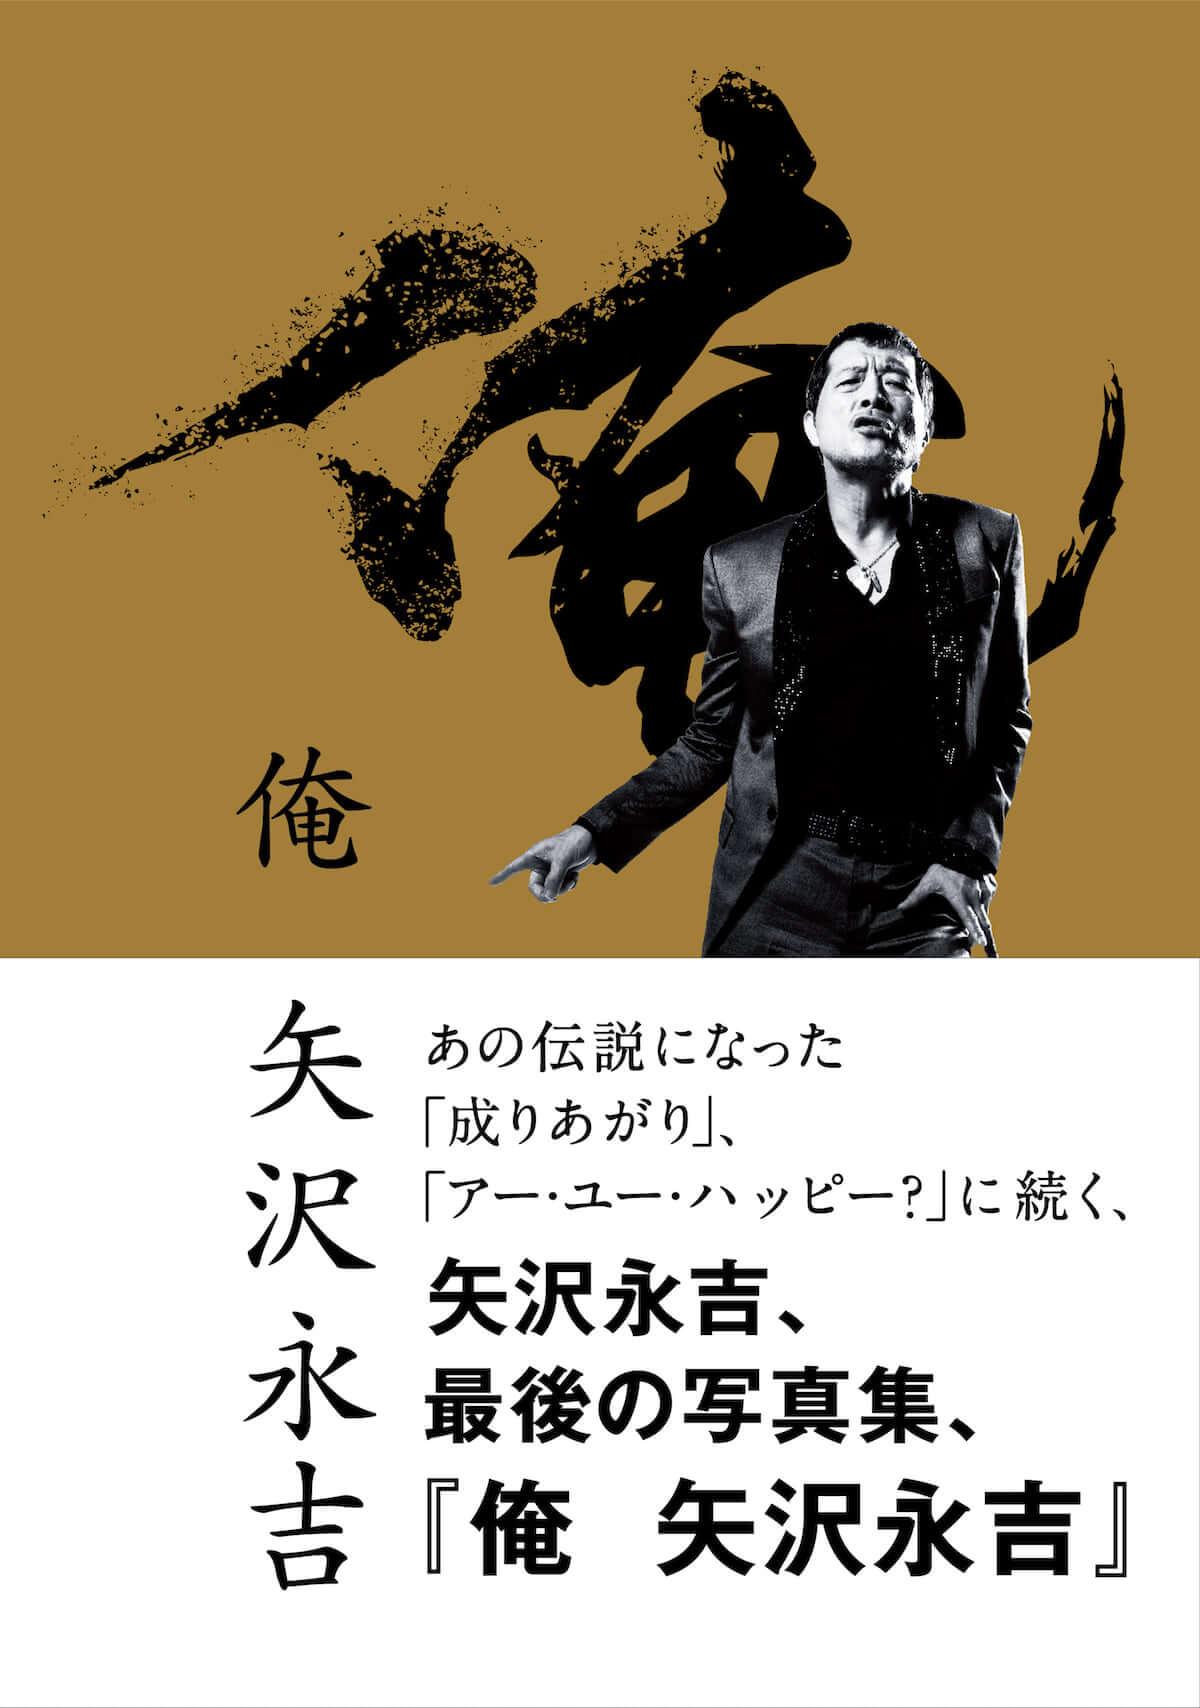 矢沢永吉、最後の写真集『俺 矢沢永吉』が4月に発売決定 art-culture190226-yazawa-2-1200x1708